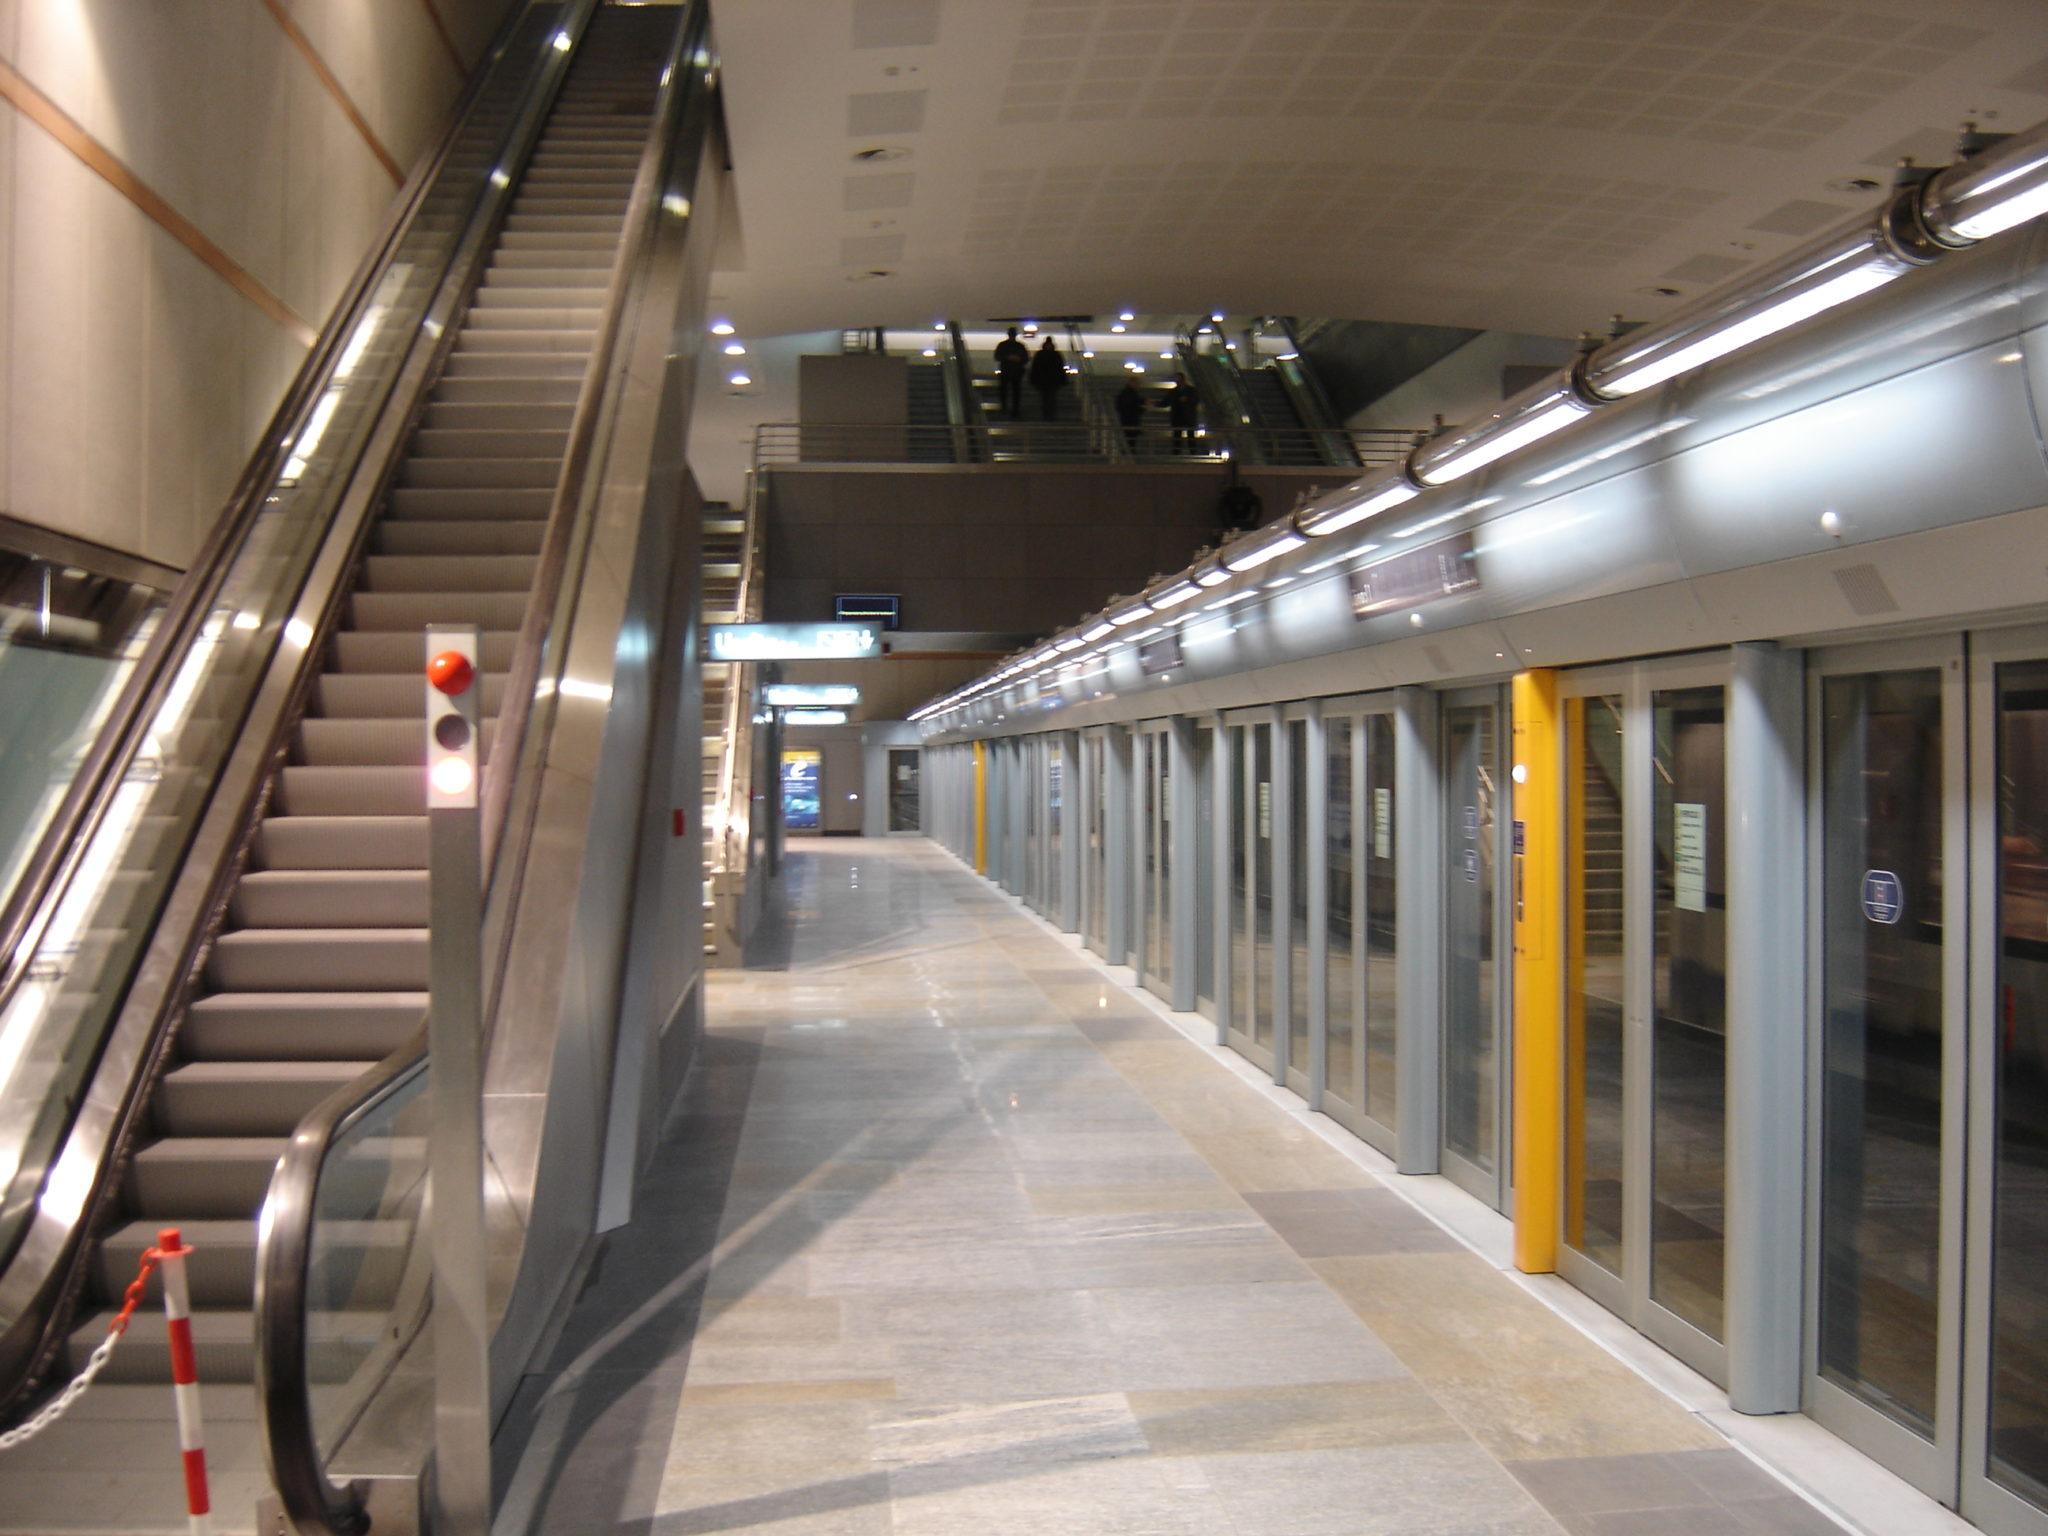 Prolungamento metro a Rivoli, ma le stazioni sono di serie B. La nostra denuncia